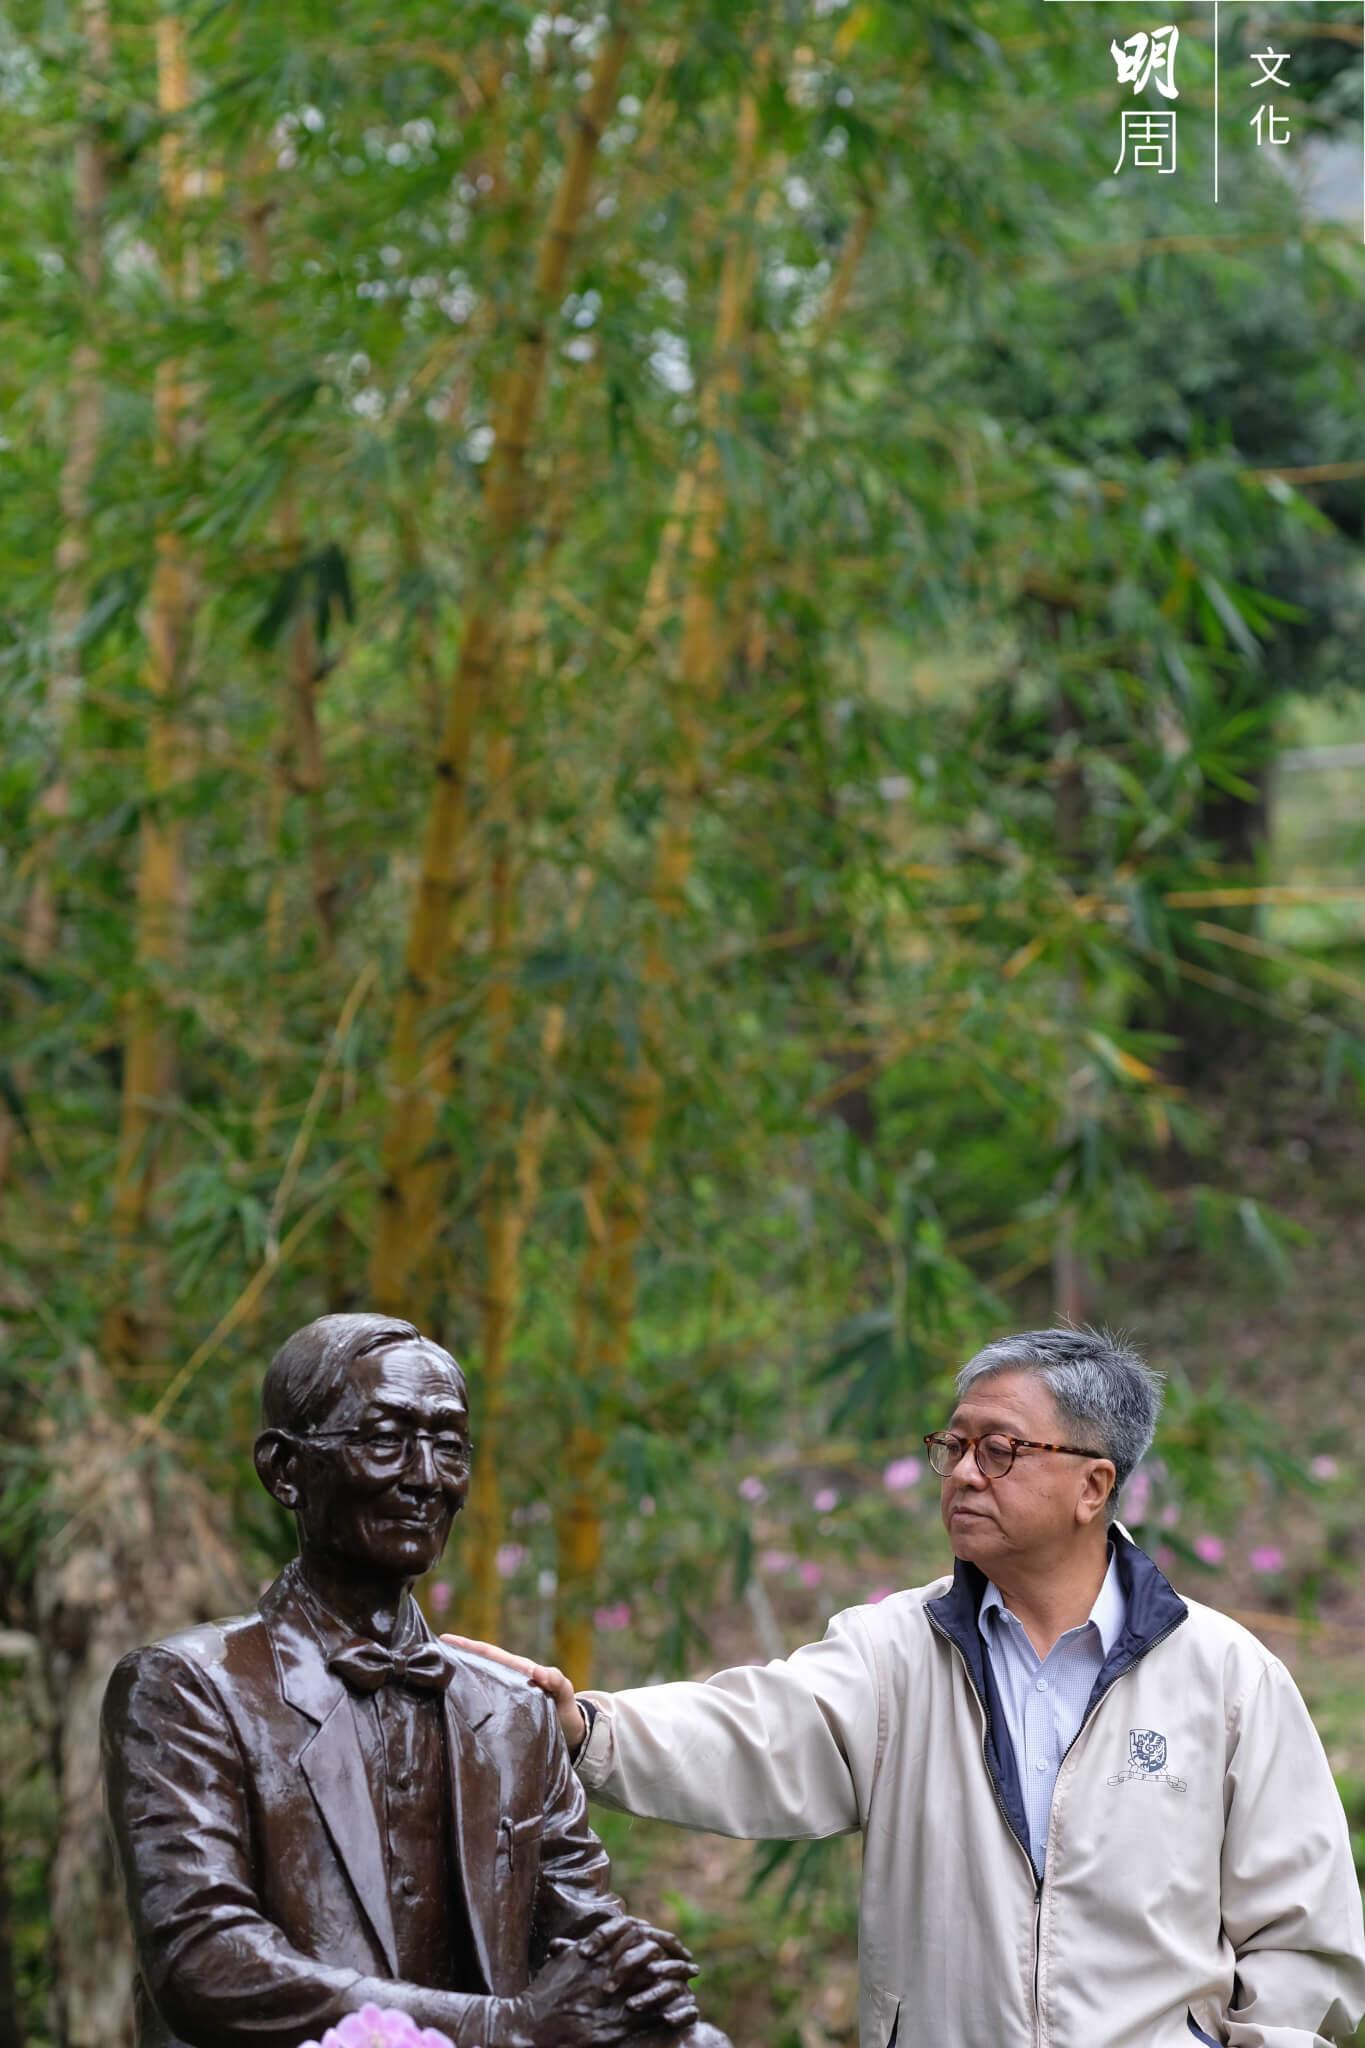 勞思光二〇一二年在台灣與世長辭後,張燦輝與關子尹請了雕塑家朱達誠為先師鑄造銅像,一七年終安放在中文大學校園未圓湖畔。